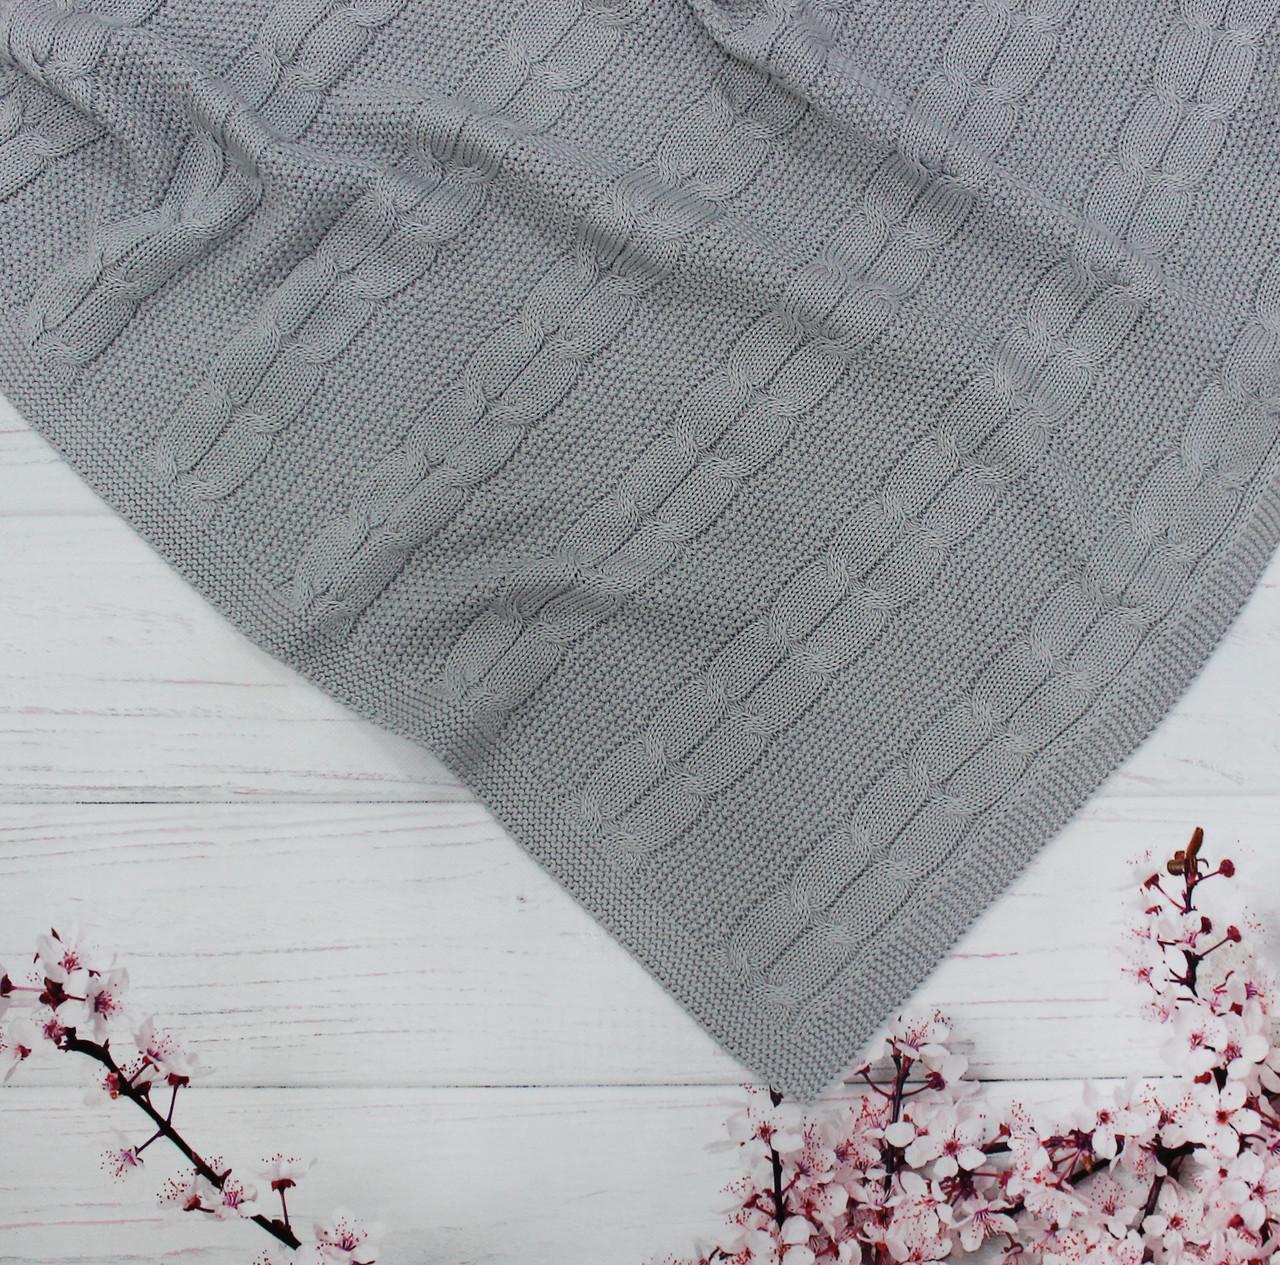 Плед вязанный двойная косичка цвет серый  95*75 см (90% хлопок, 10% акрил)